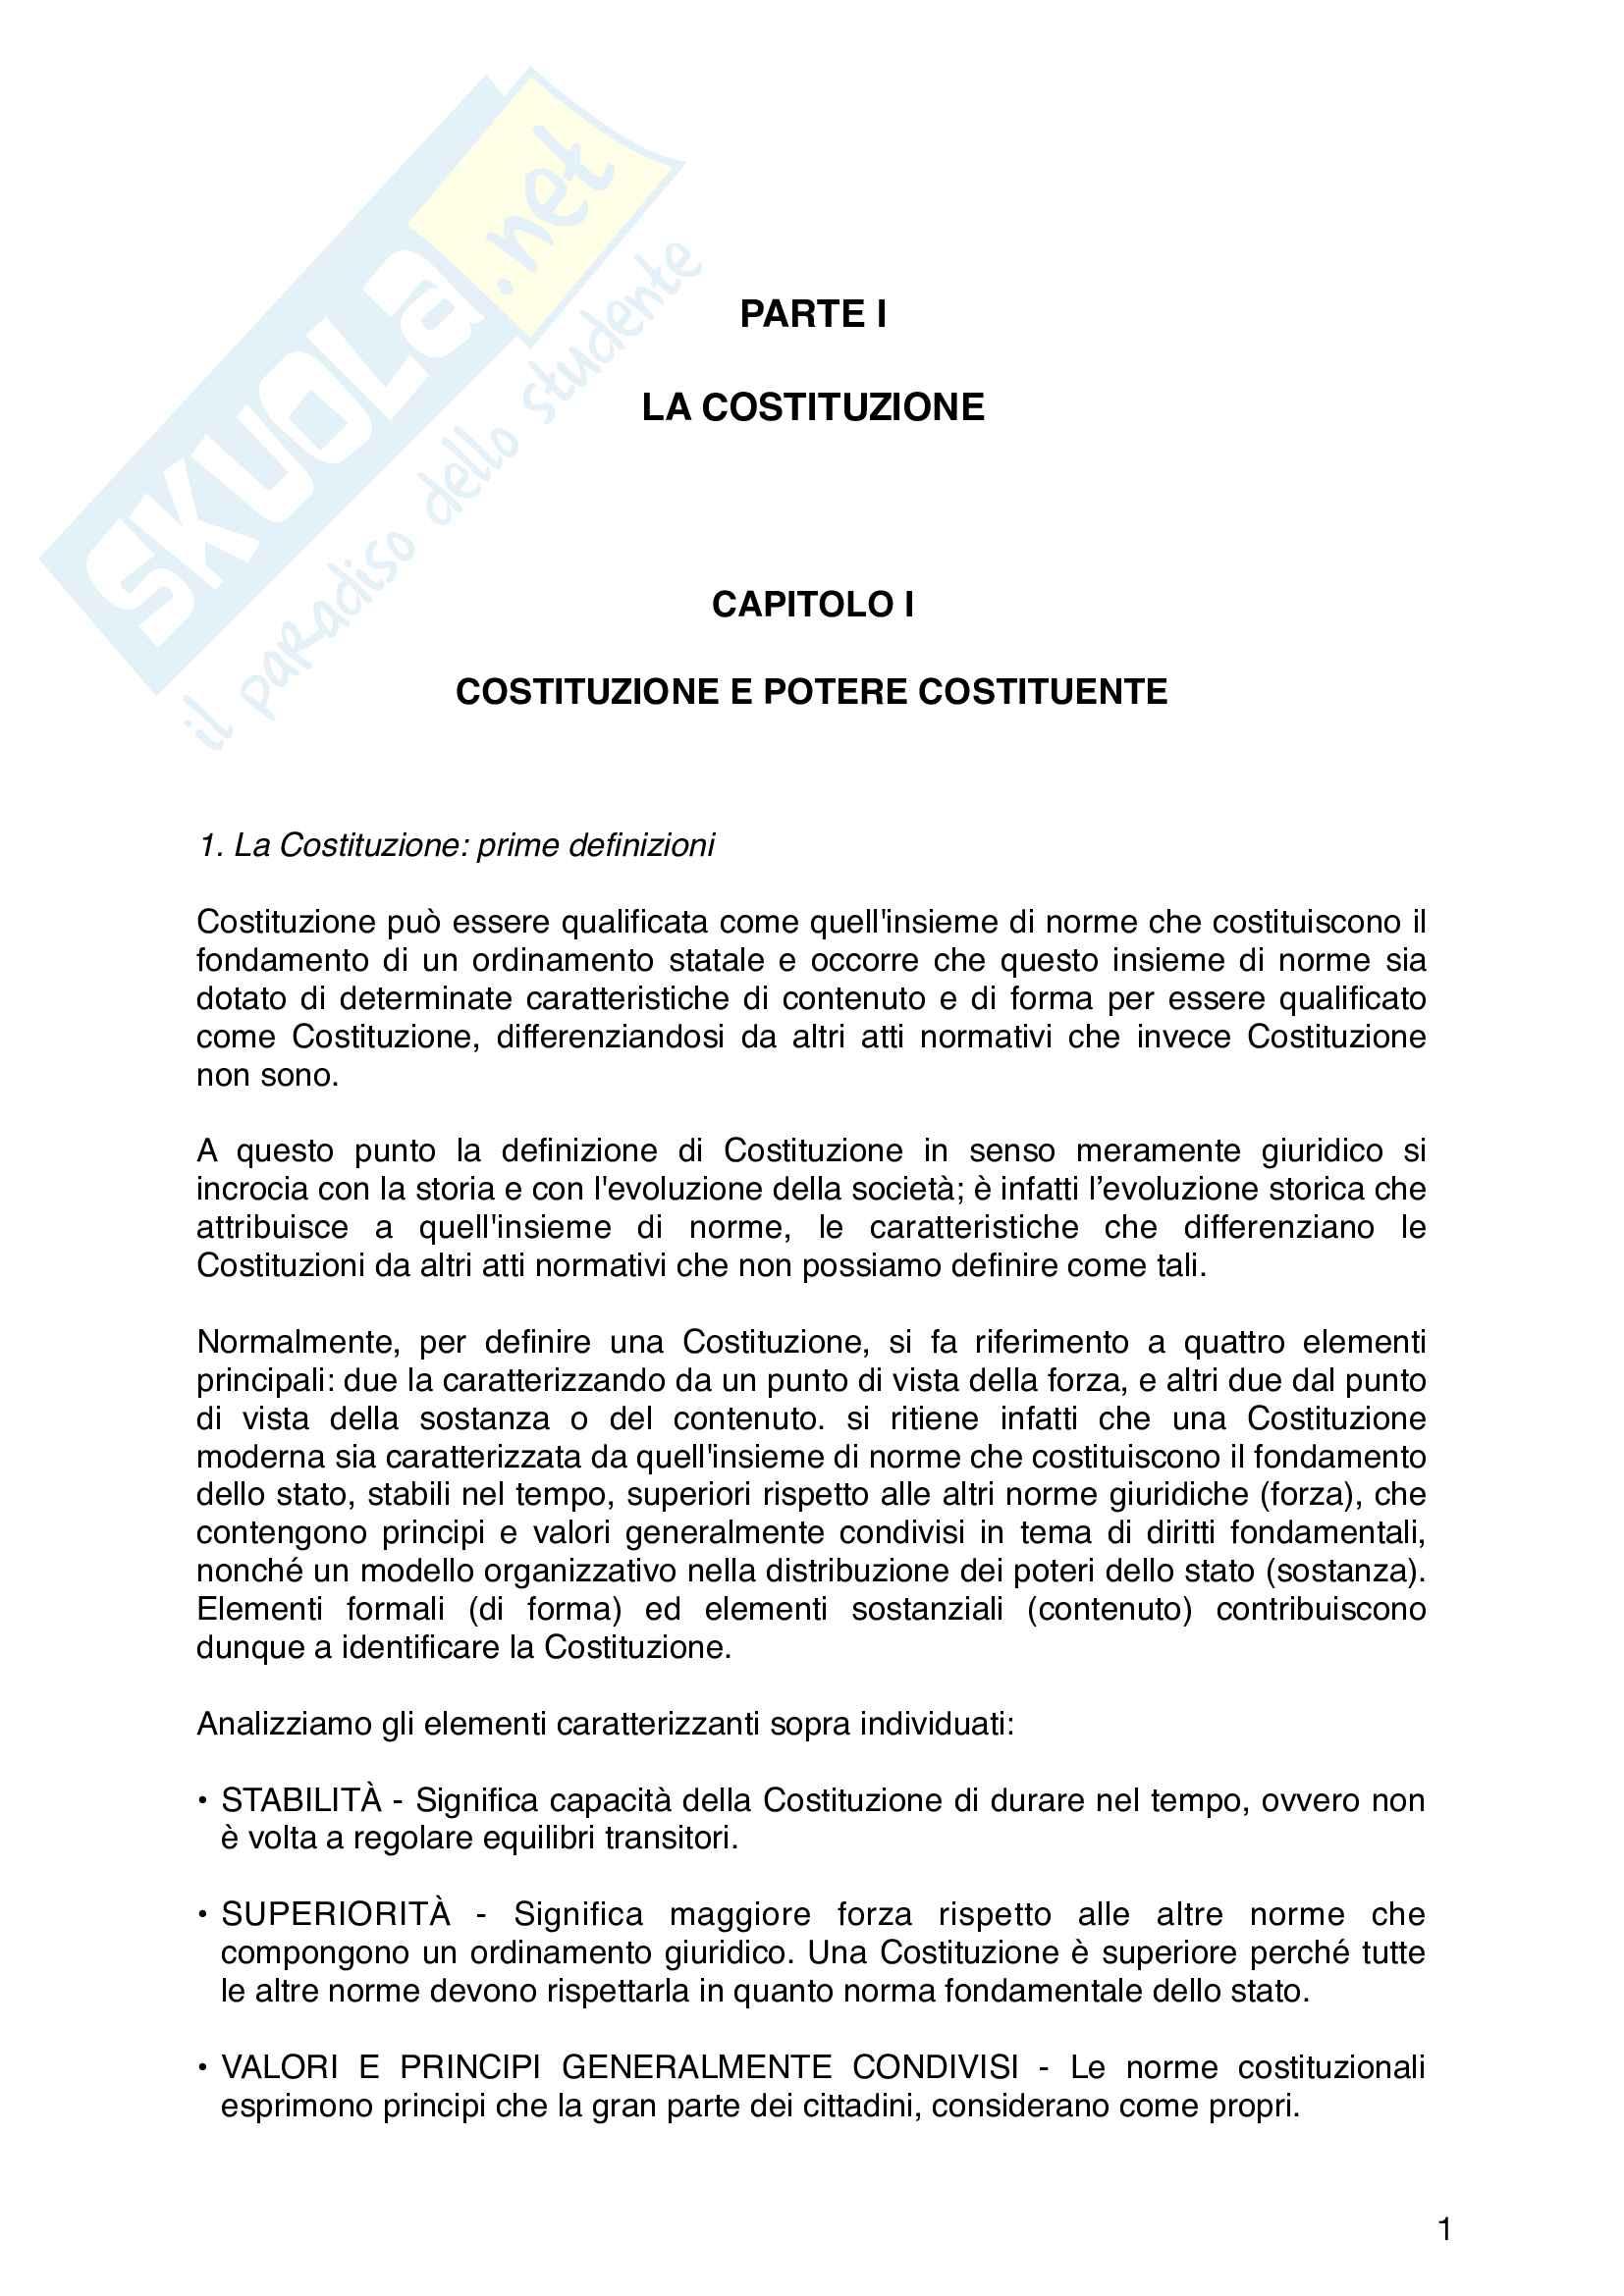 Riassunto esame di Diritto Costituzionale, libro di riferimento : Diritto costituzionale, Pisaneschi